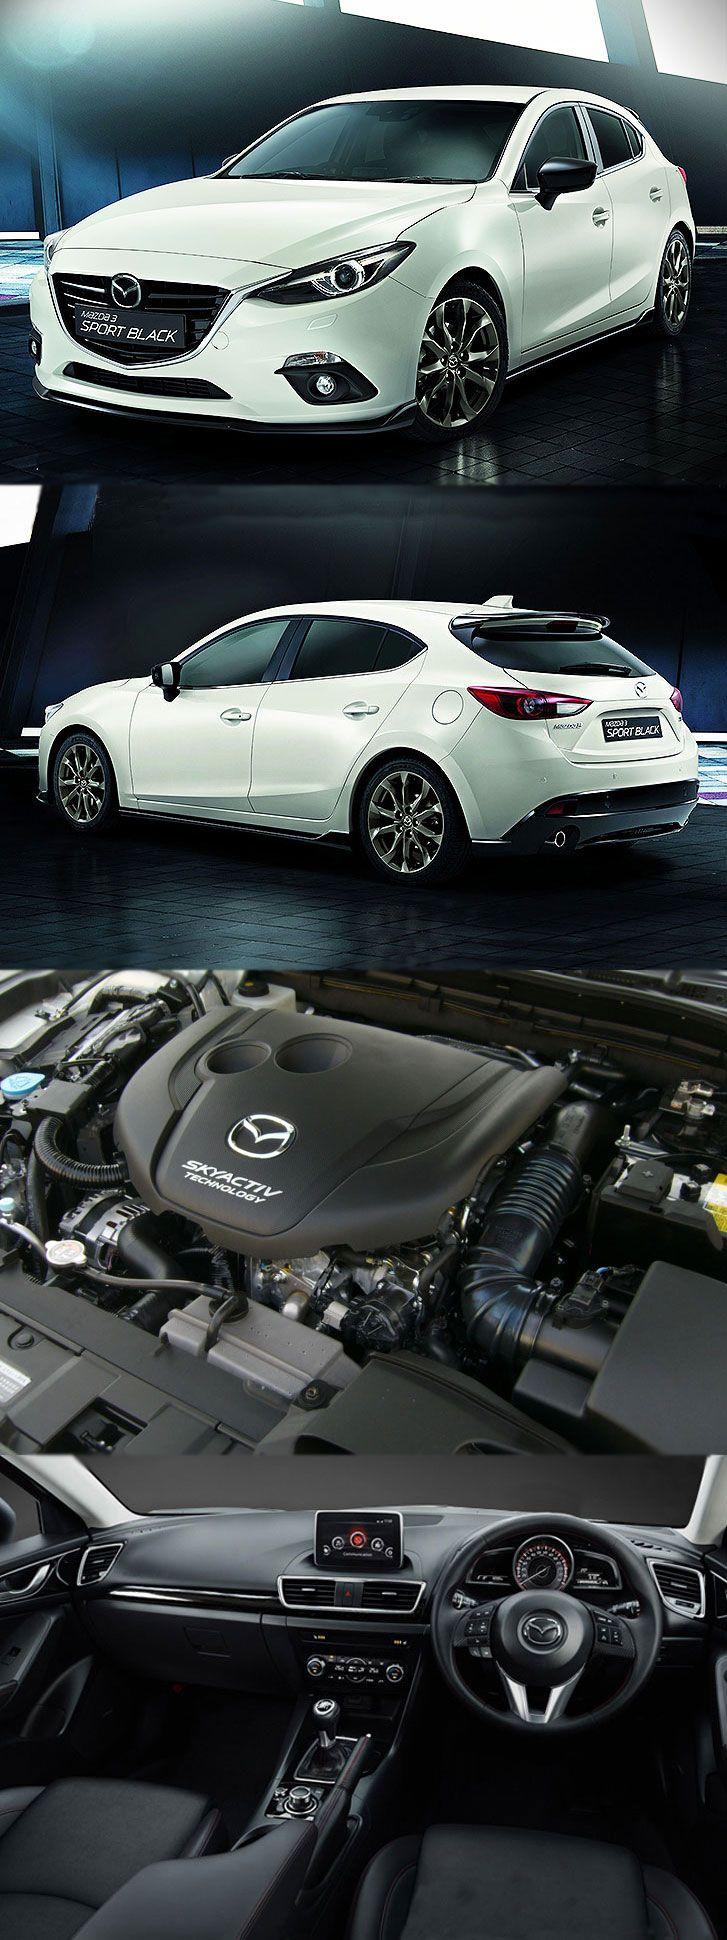 2016 Mazda 3 2.0 Skyactiv-G 120 sport Black has Arrived Get more details at: http://www.garage777.co.uk/blog/2016-mazda-3-2-0-skyactiv-g-120-sport-black-arrived/